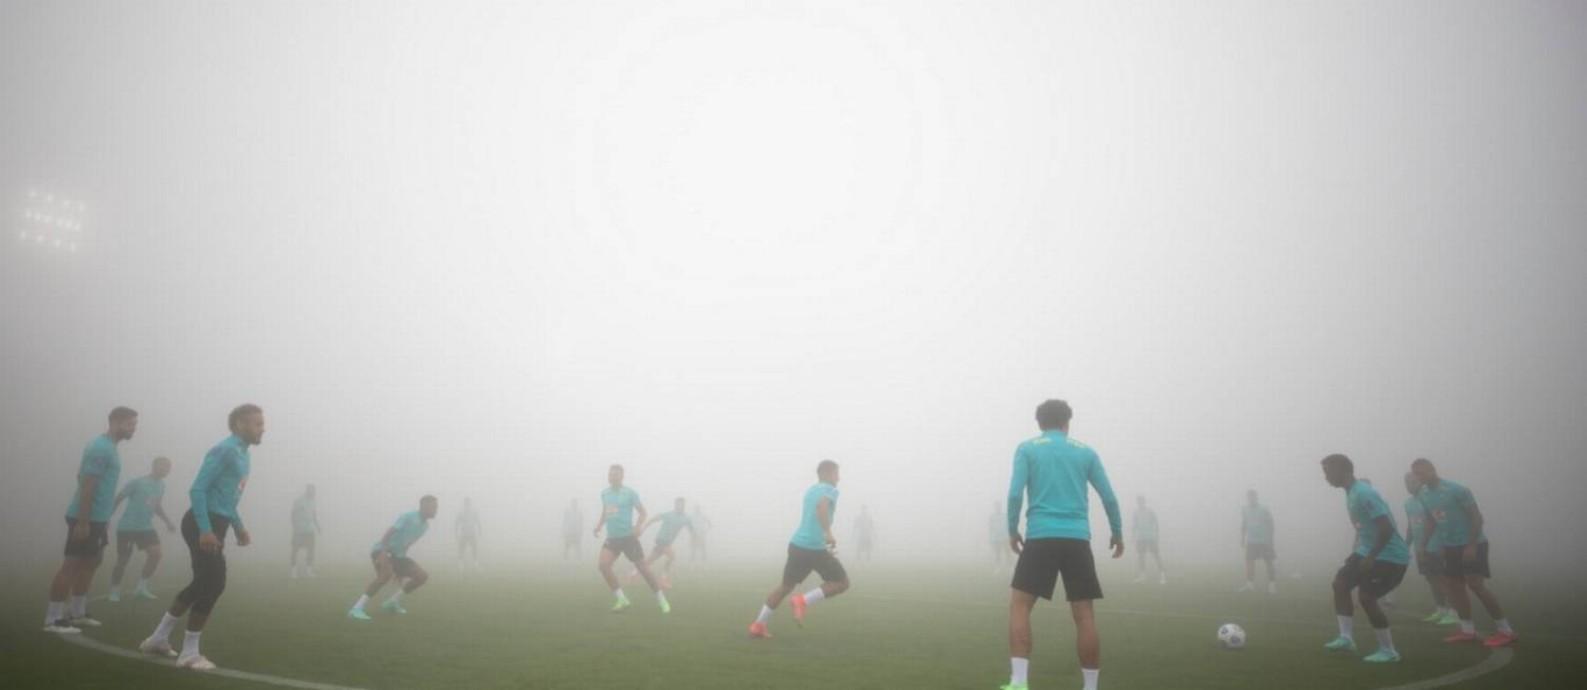 Seleção Brasileira treina na Granja Comary Foto: Lucas Figueiredo/CBF